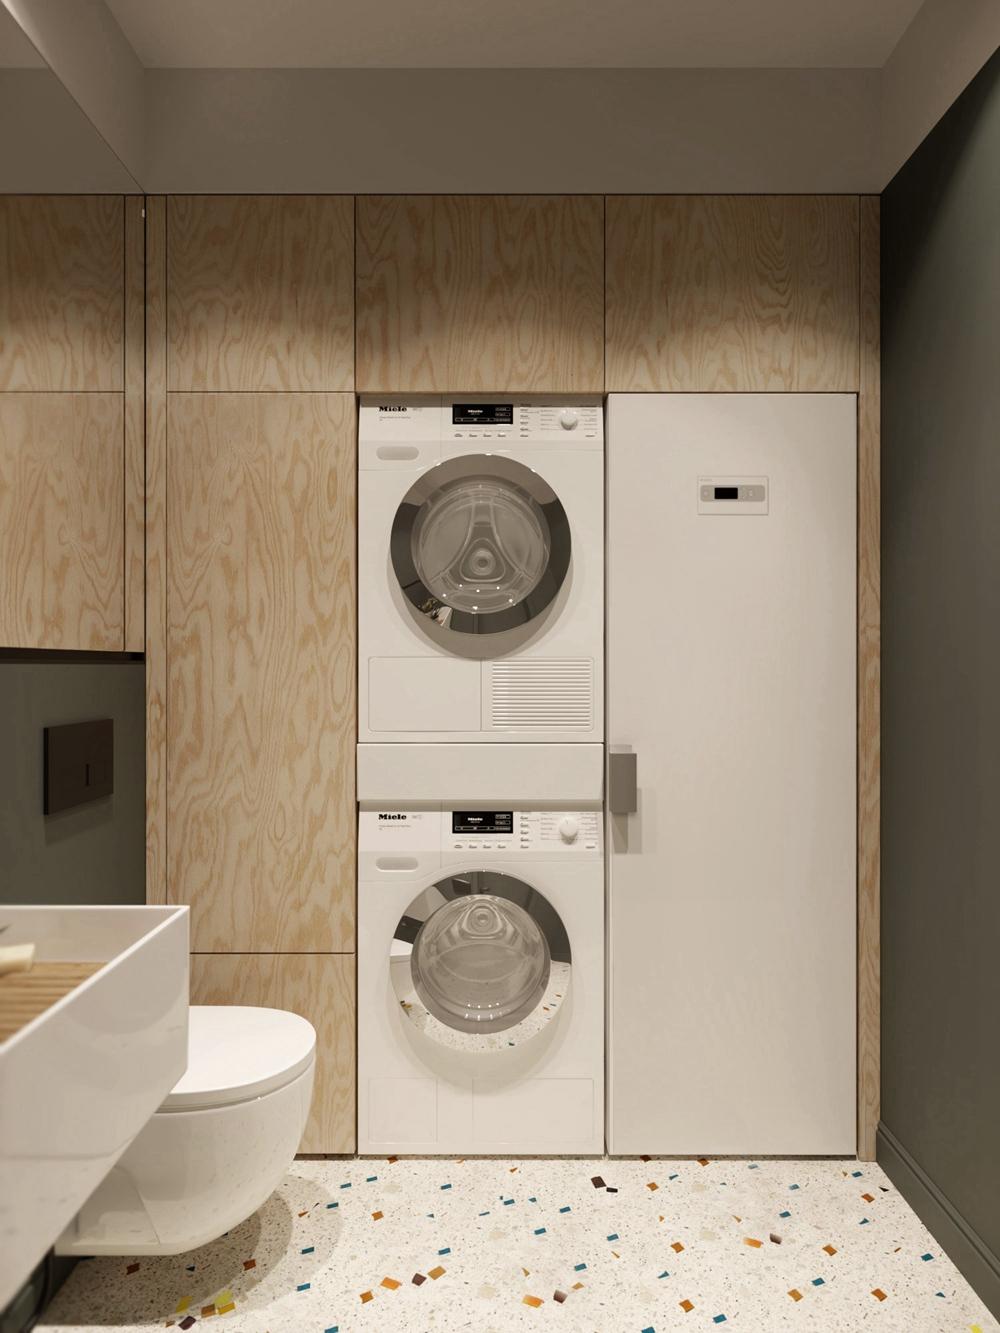 在衛生間內打造洗衣房,簡約且務實的空間設計,提升了生活的效率。